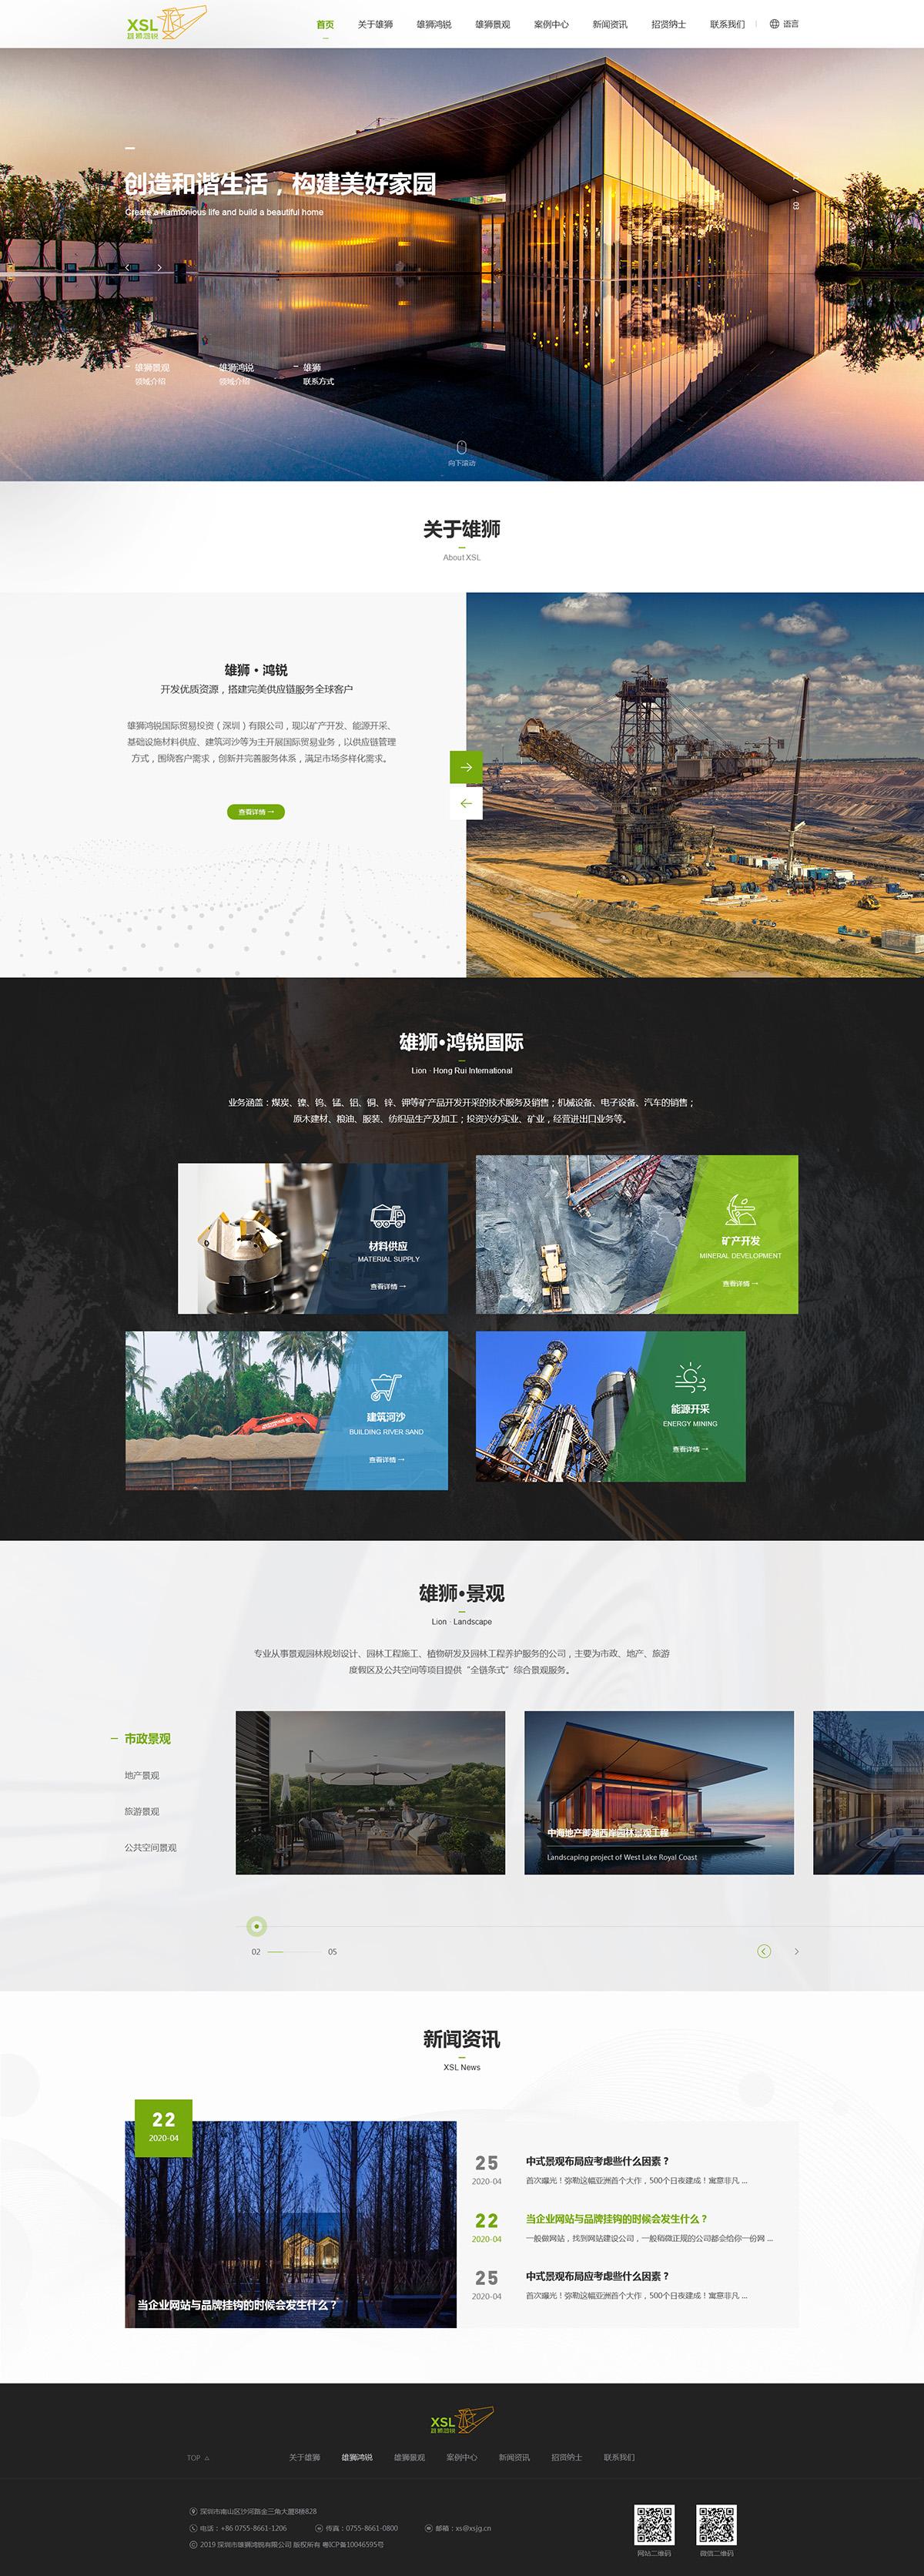 雄狮景观网站案例